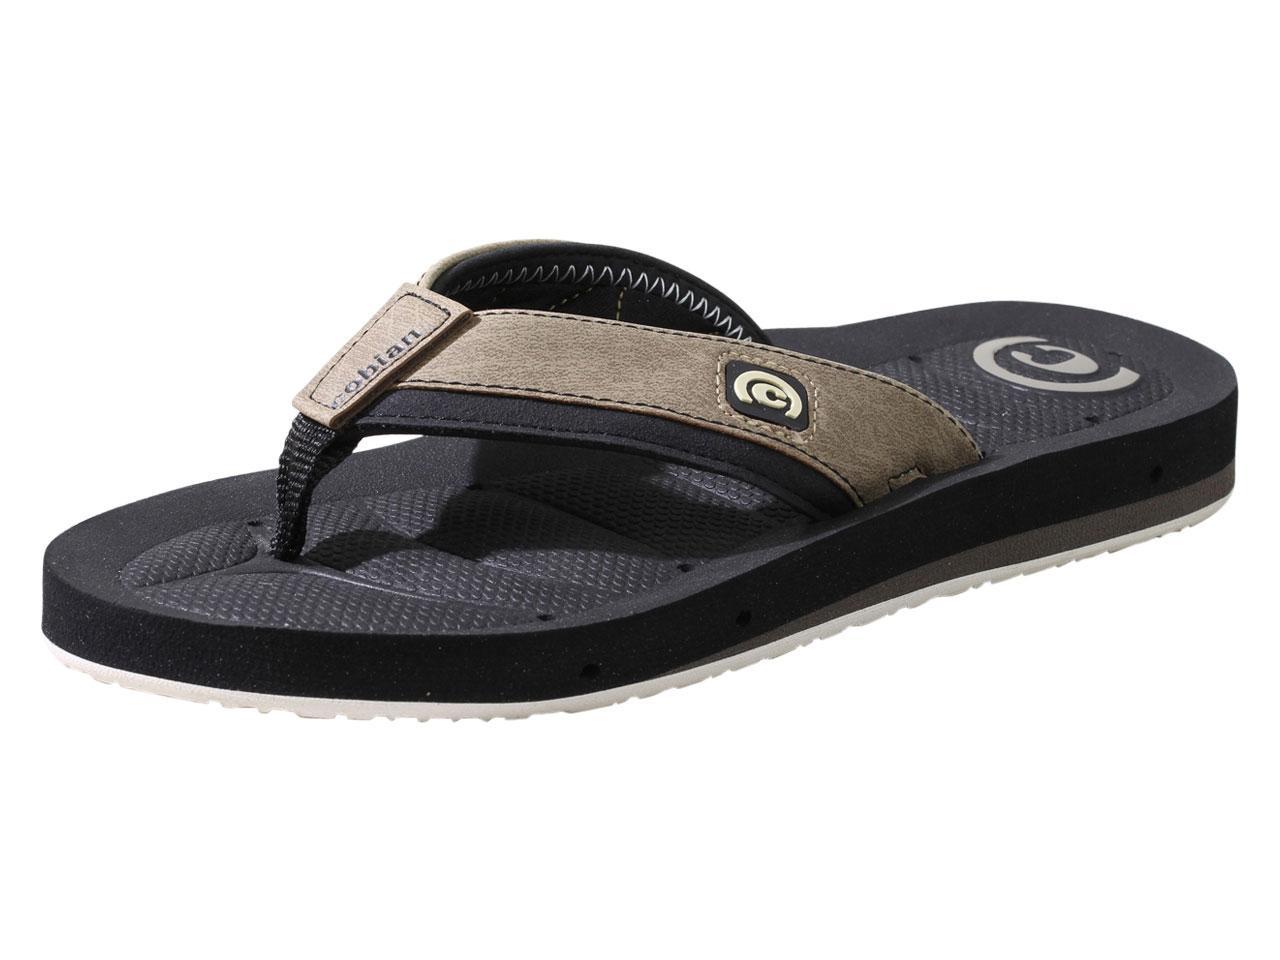 Image of Cobian Men's Draino II Flip Flops Sandals Shoes - Cement - 11 D(M) US